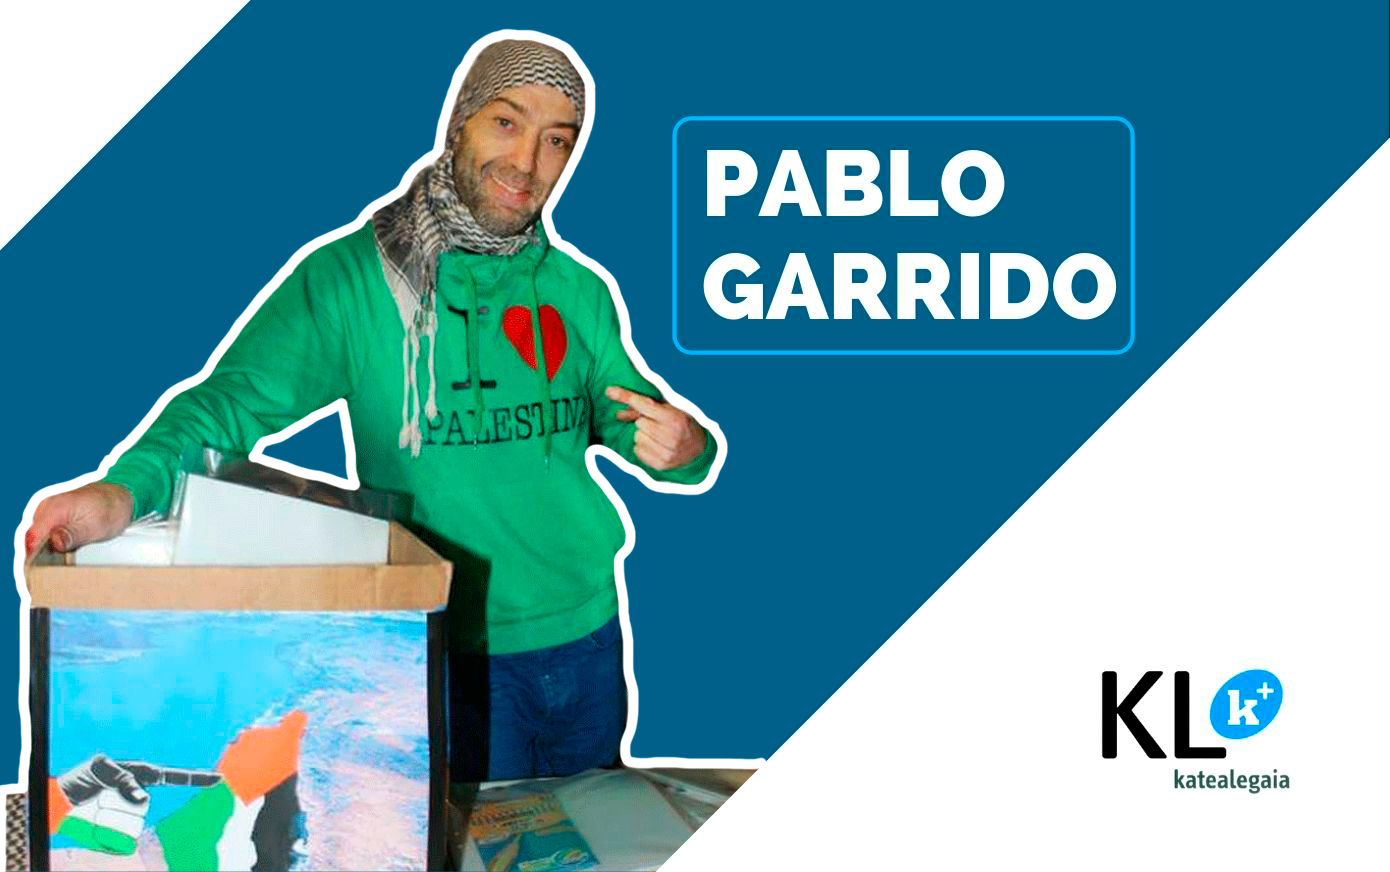 """Pablo Garrido: """"No intento ponerme etiquetas, no me considero un activista, soy un ser humano y lucho por aquello que defiendo""""."""